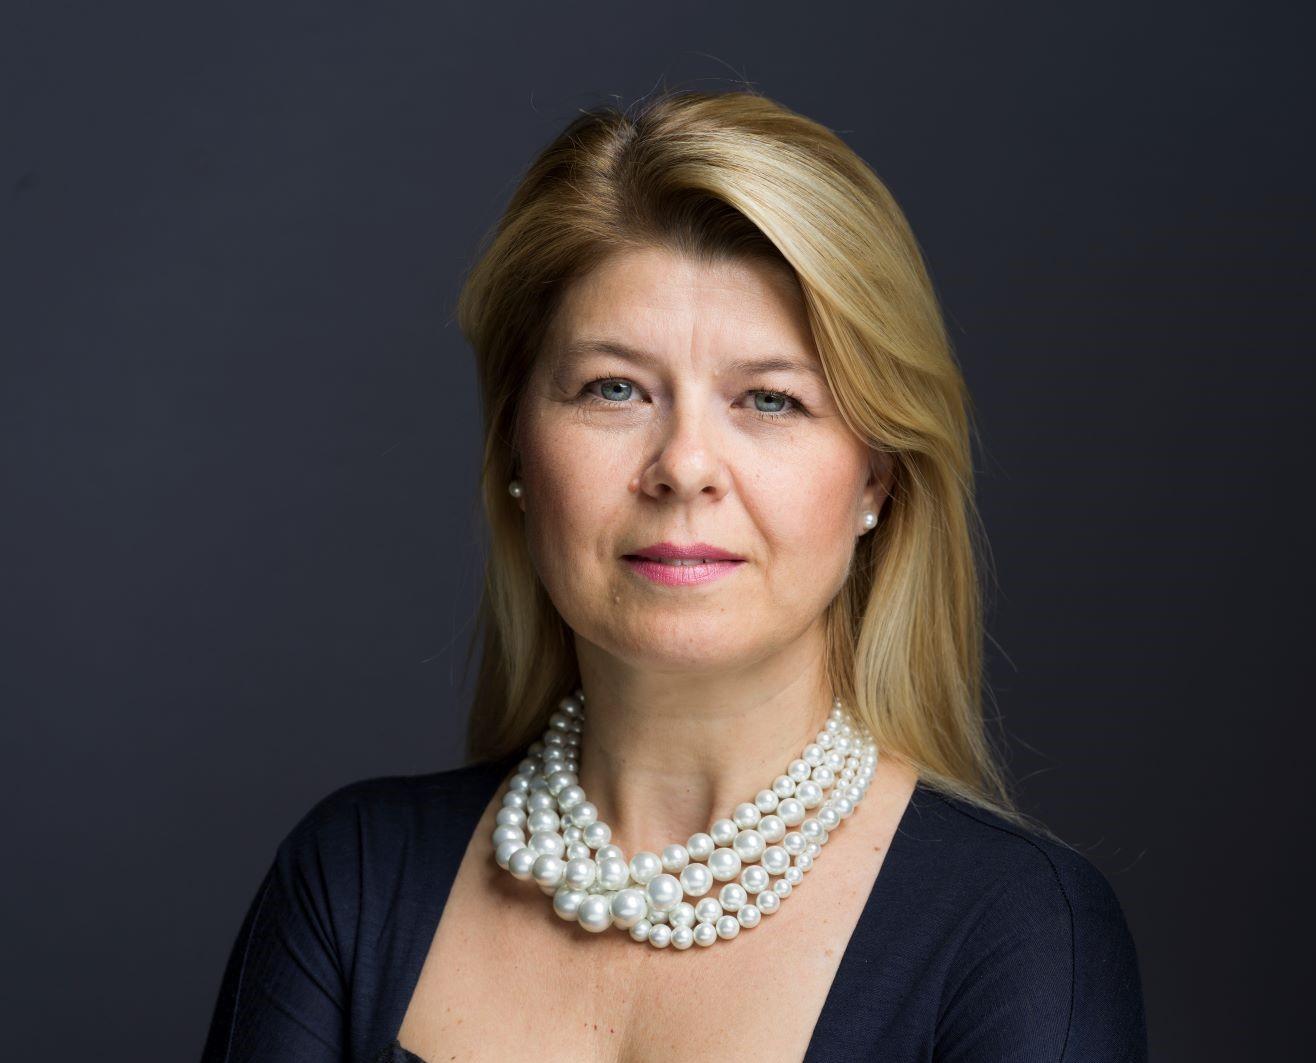 SAMBA Talks with the CFO and Deputy CEO of Virgin Media, Ms. Severina Pascu